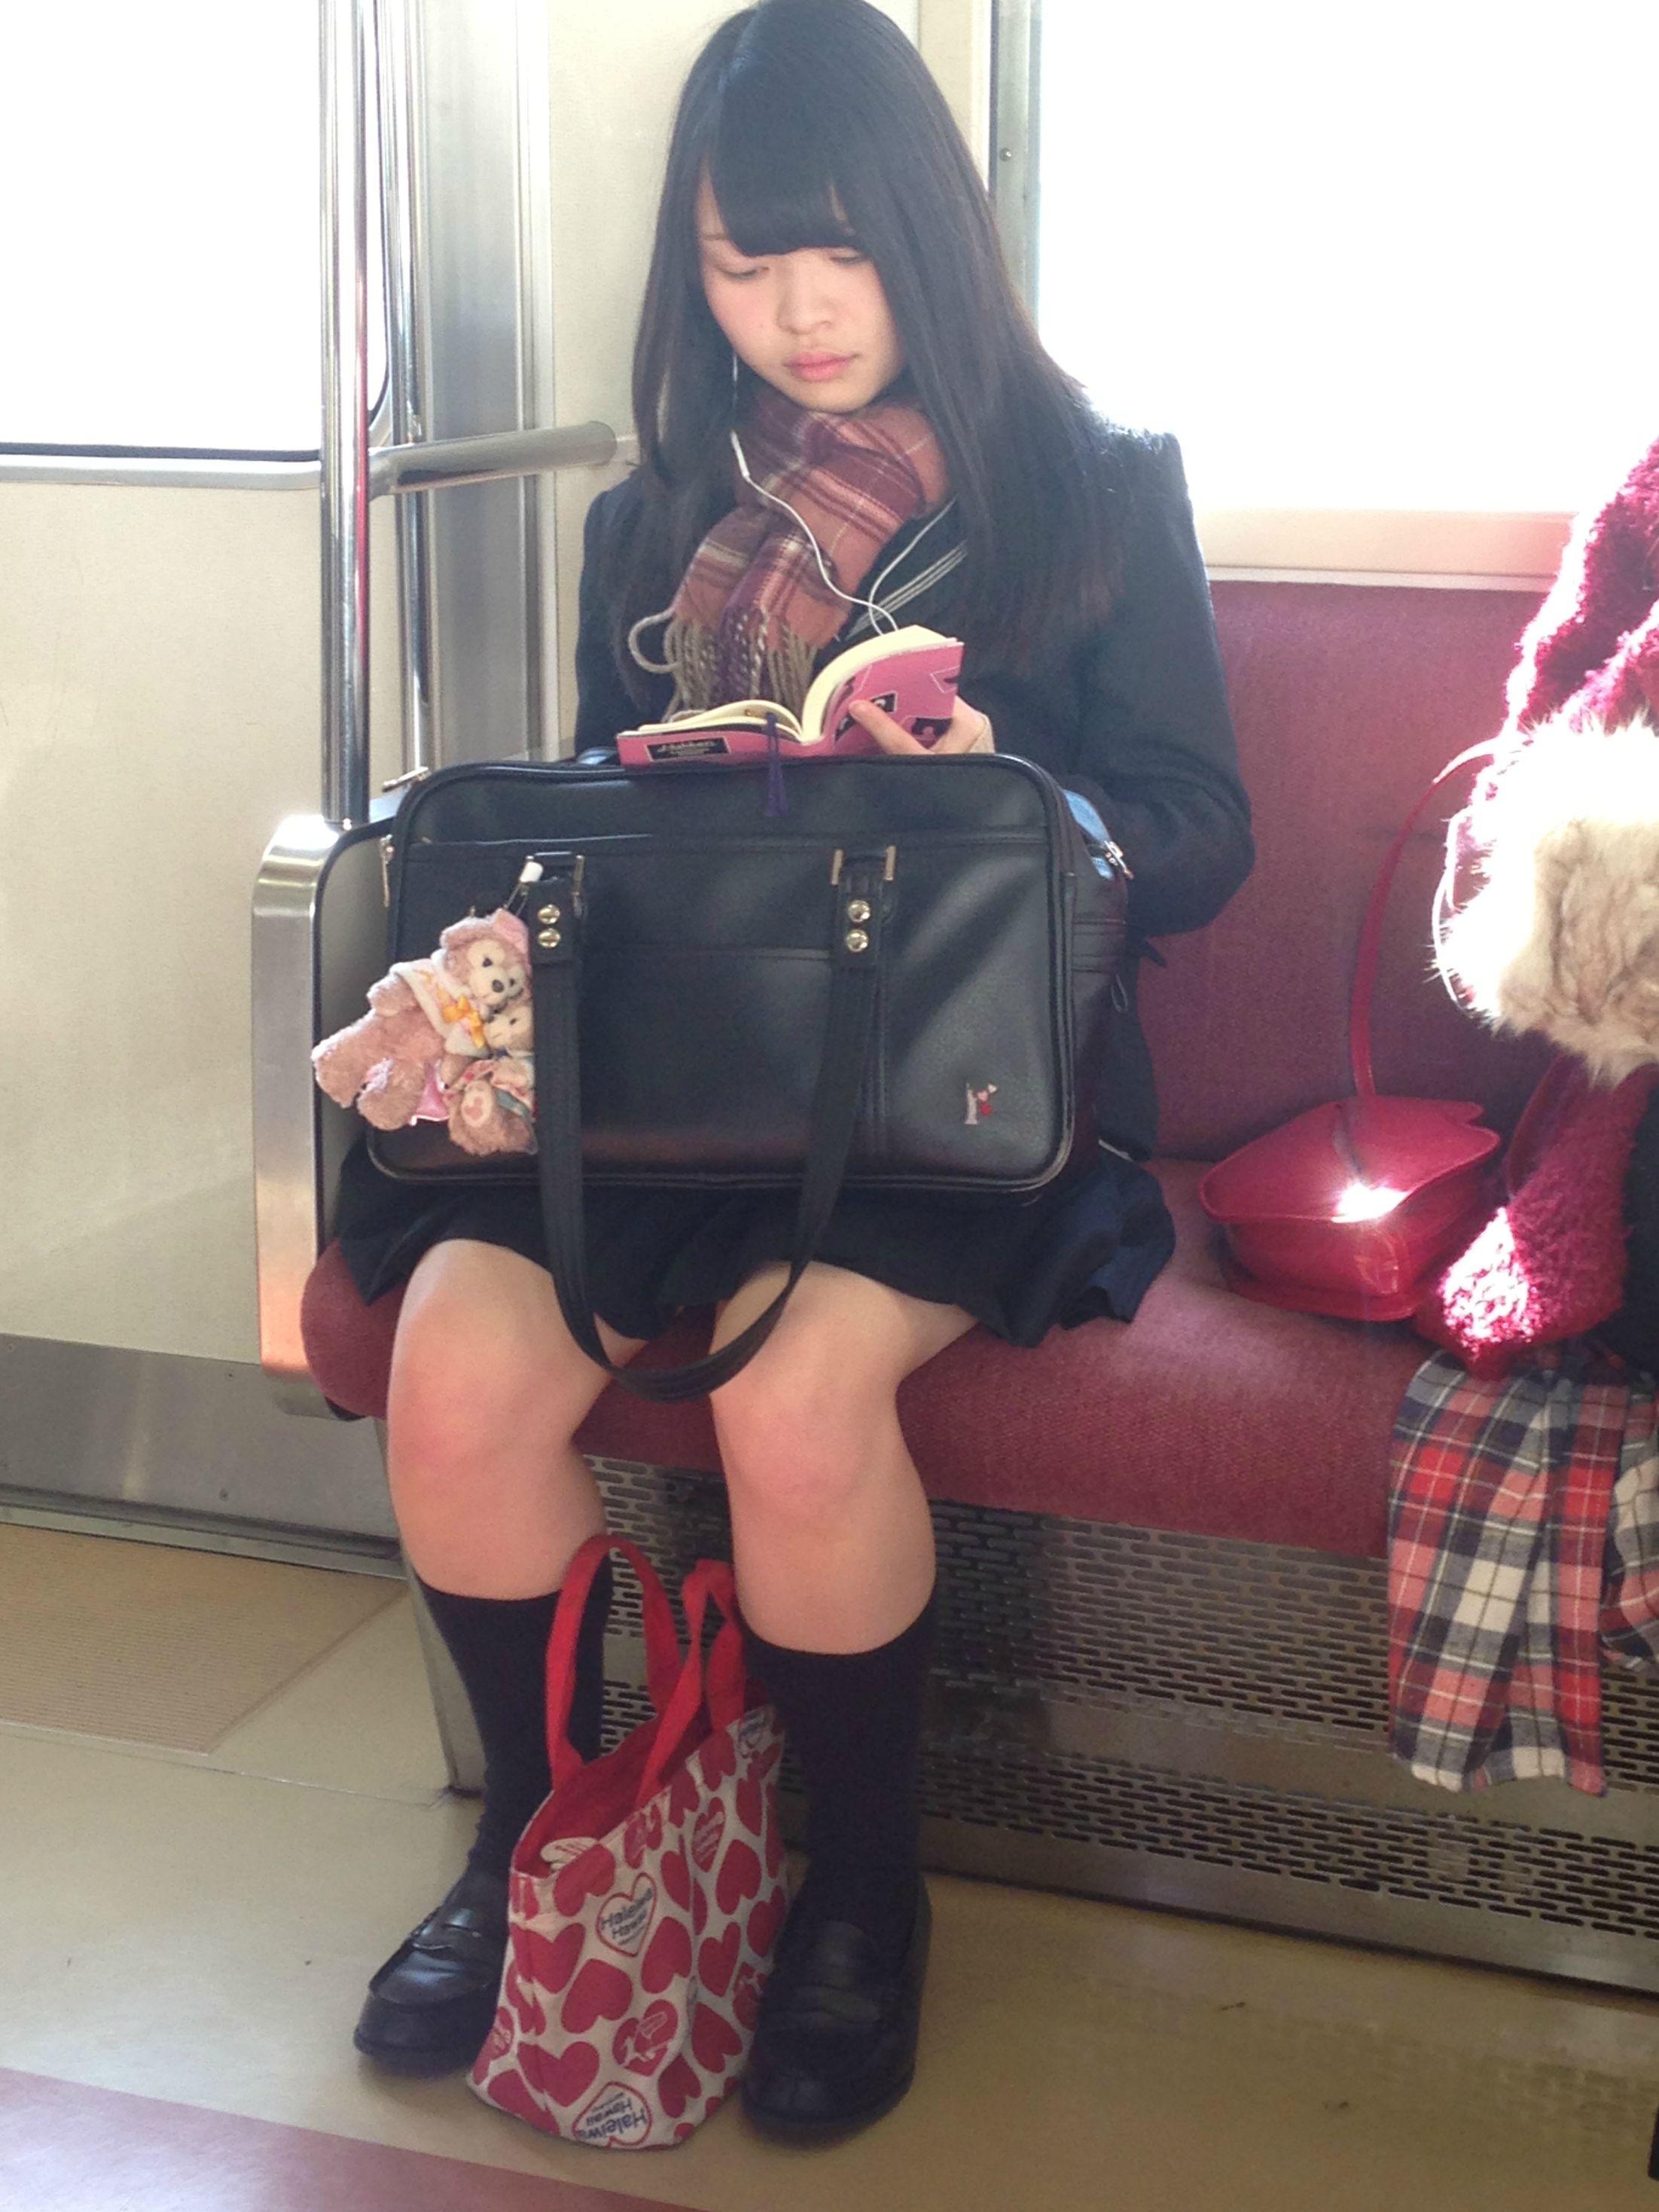 JKを電車や駅でバレないようにガン見しようね!!! 5AVgN8J